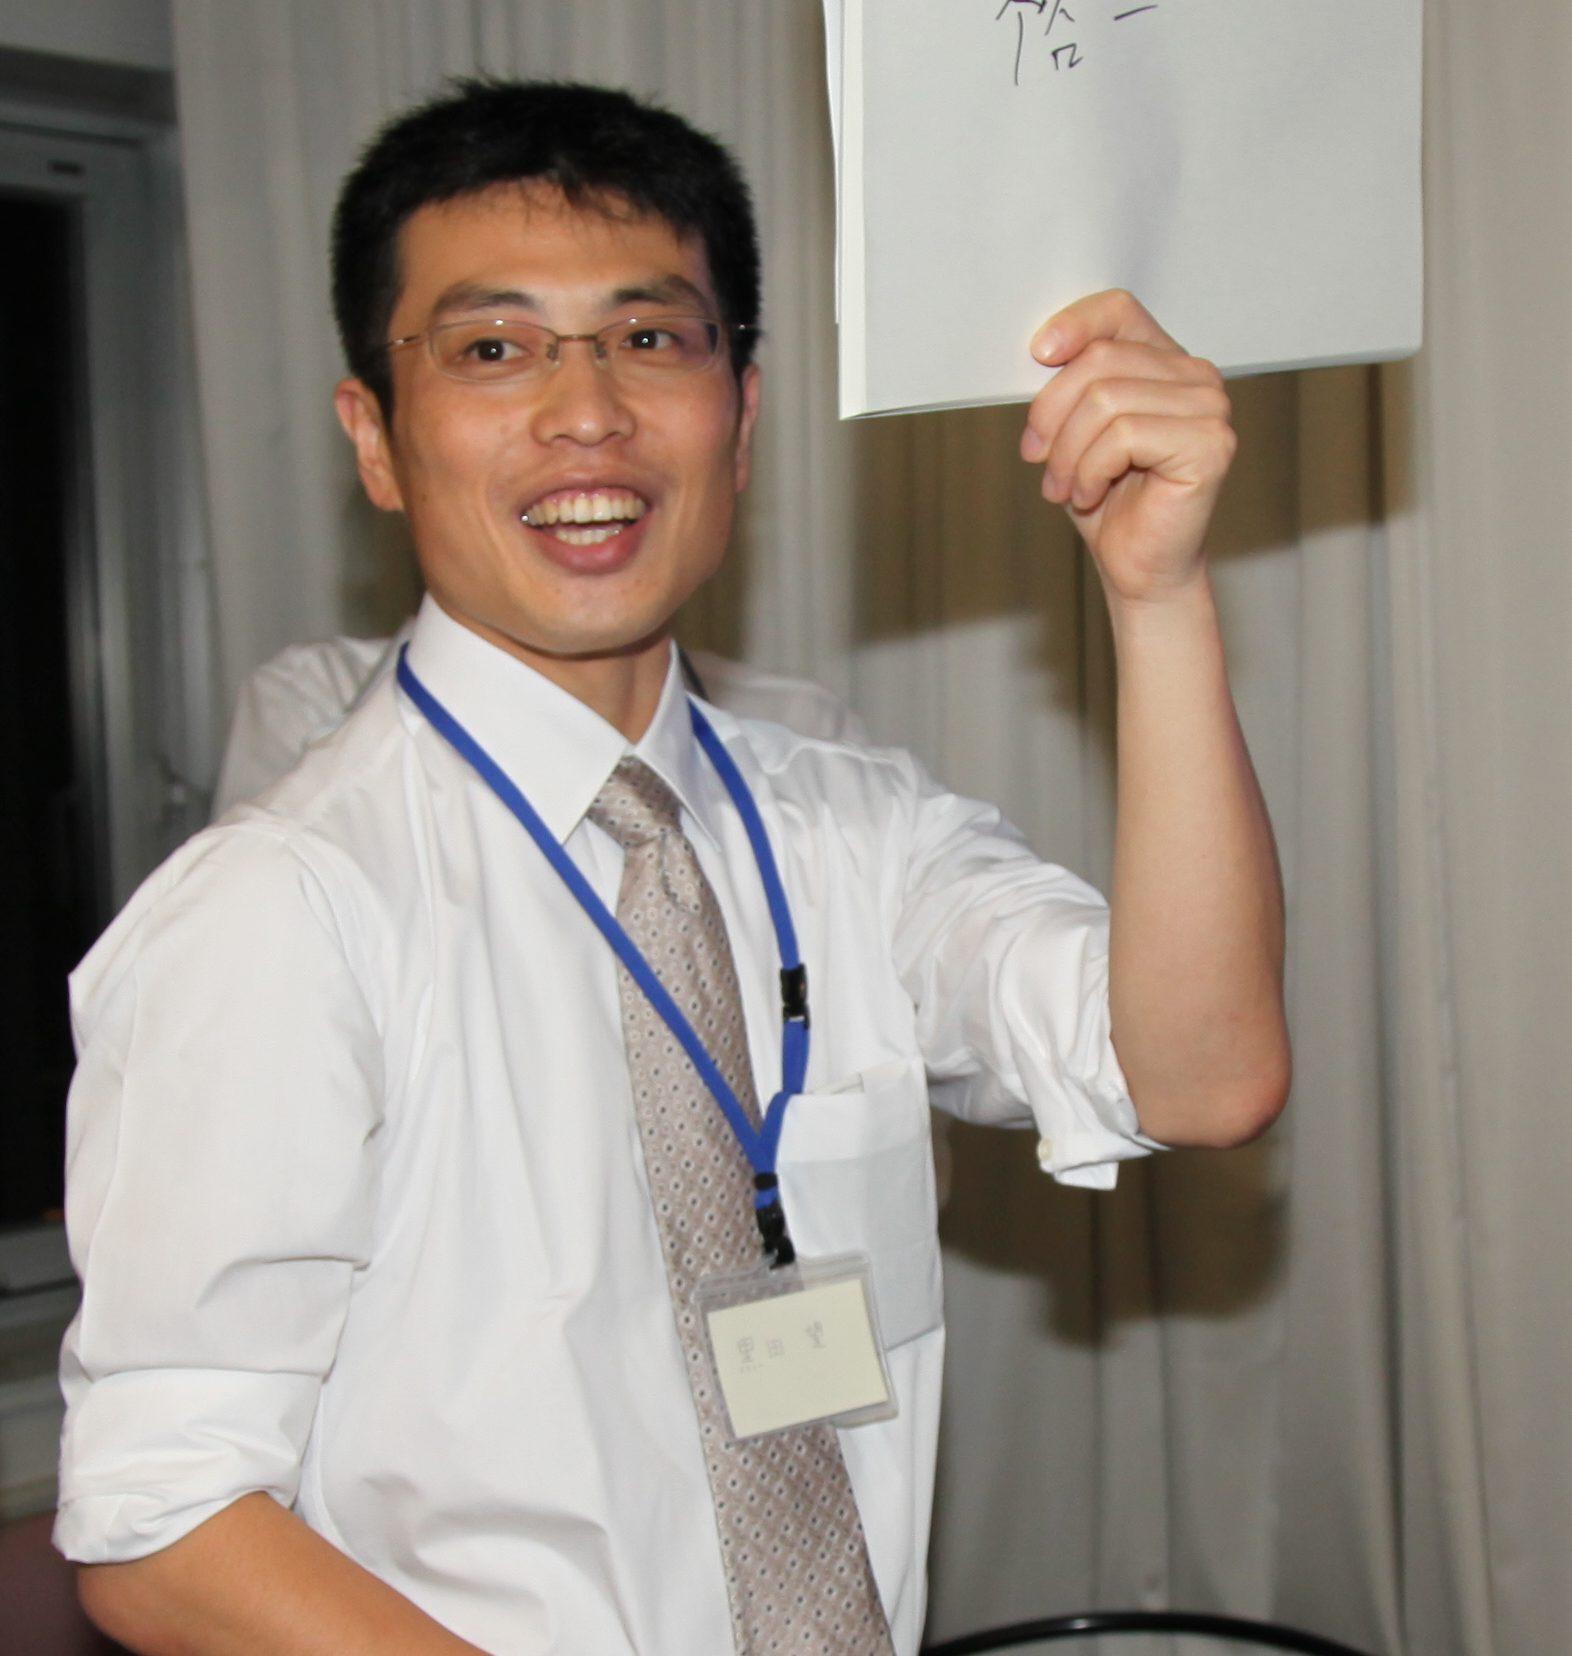 Nozomu Kuroda